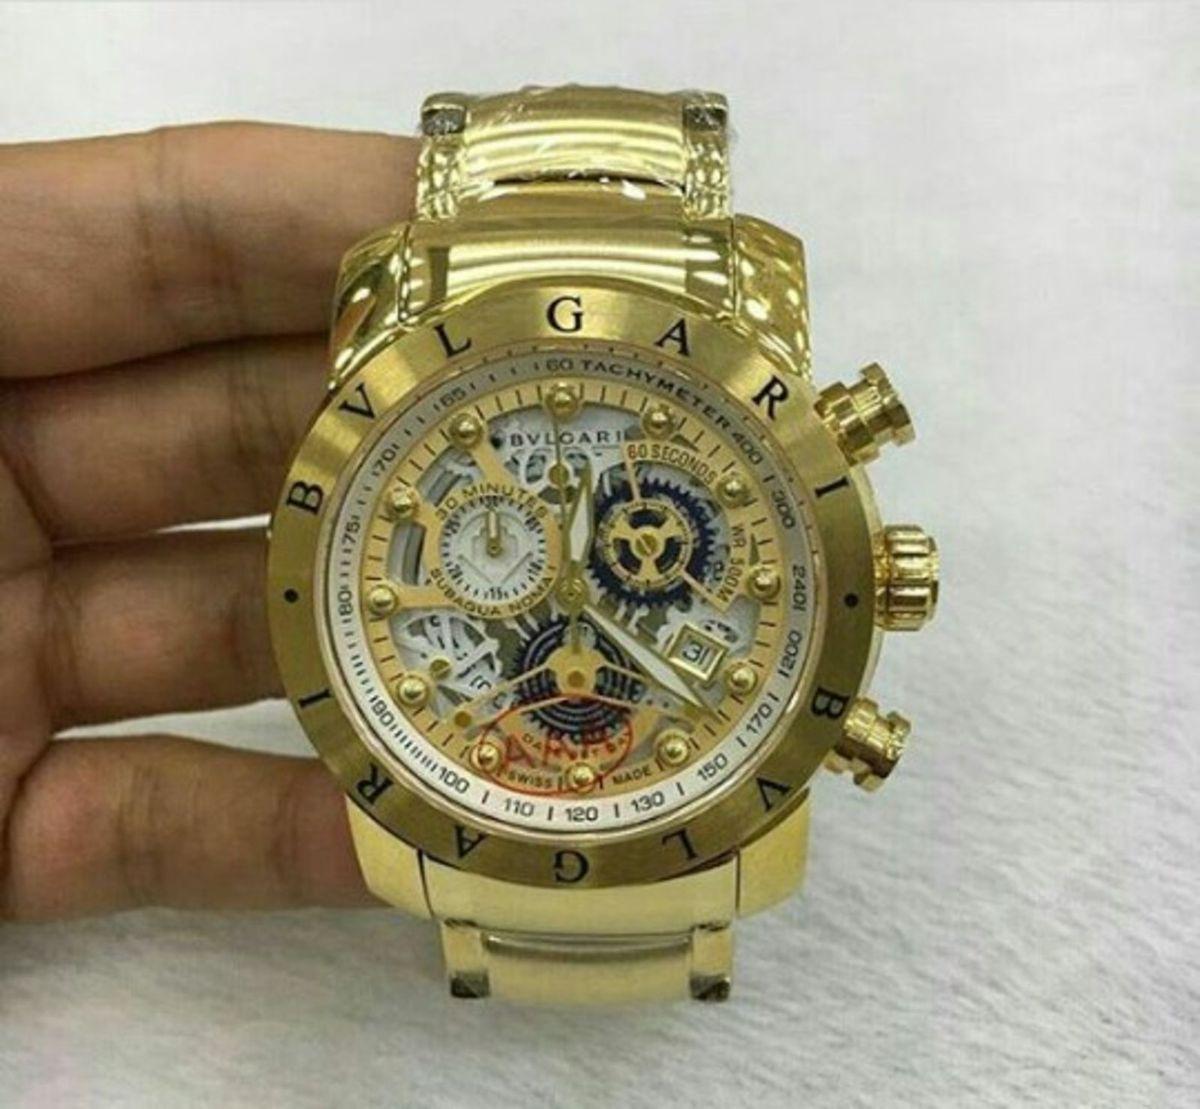 aec2688d398 relógio bvlgari bateria - relógios bvlgari.  Czm6ly9wag90b3muzw5qb2vplmnvbs5ici9wcm9kdwn0cy83odaznjyzlzhjmjzkm2eyzjq2mmvlzdezngmyy2q0odk5njayyjixlmpwzw  ...